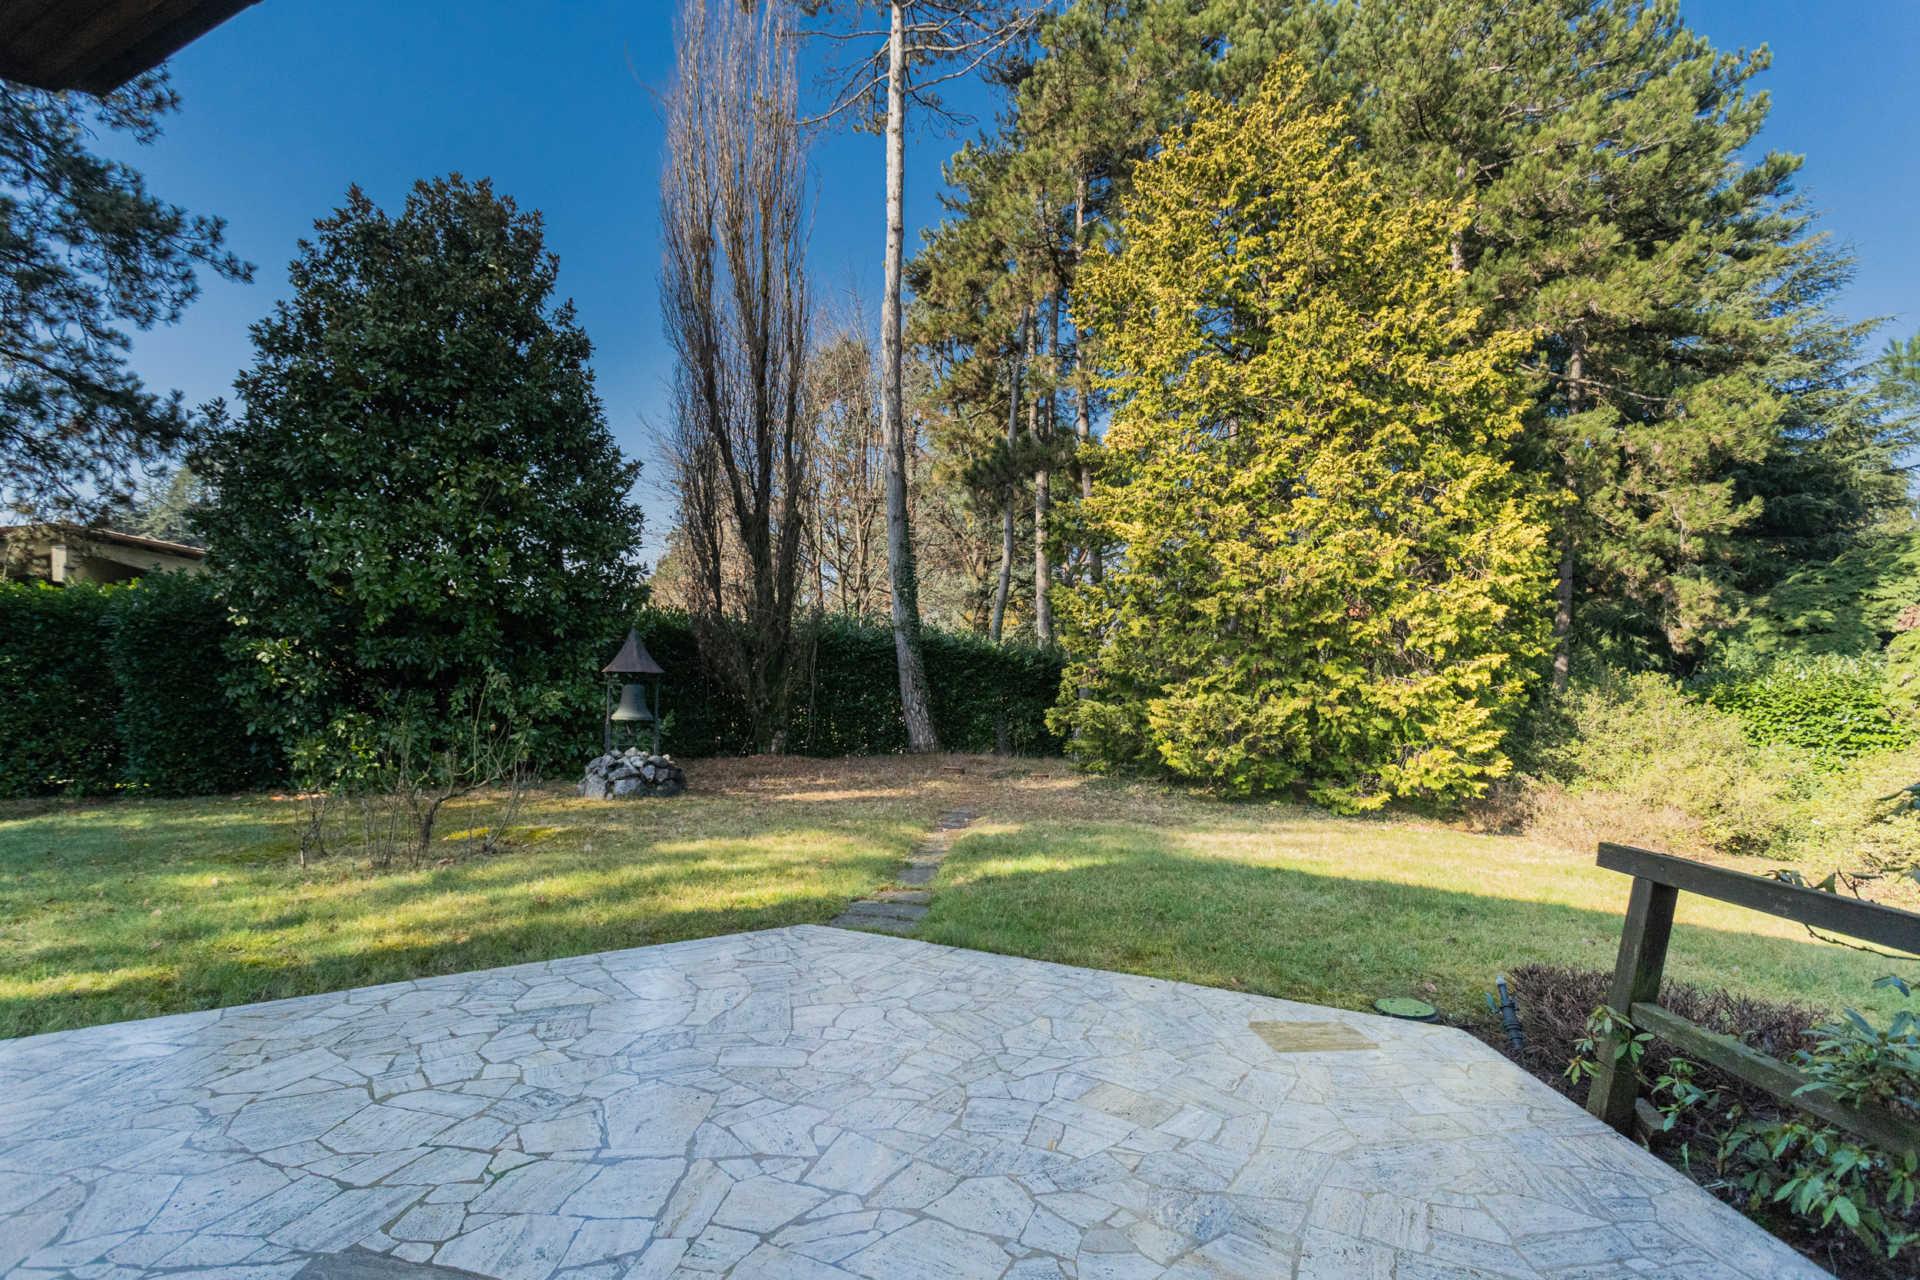 Villa-singola-Carate-Brianza-in-vendita (1)